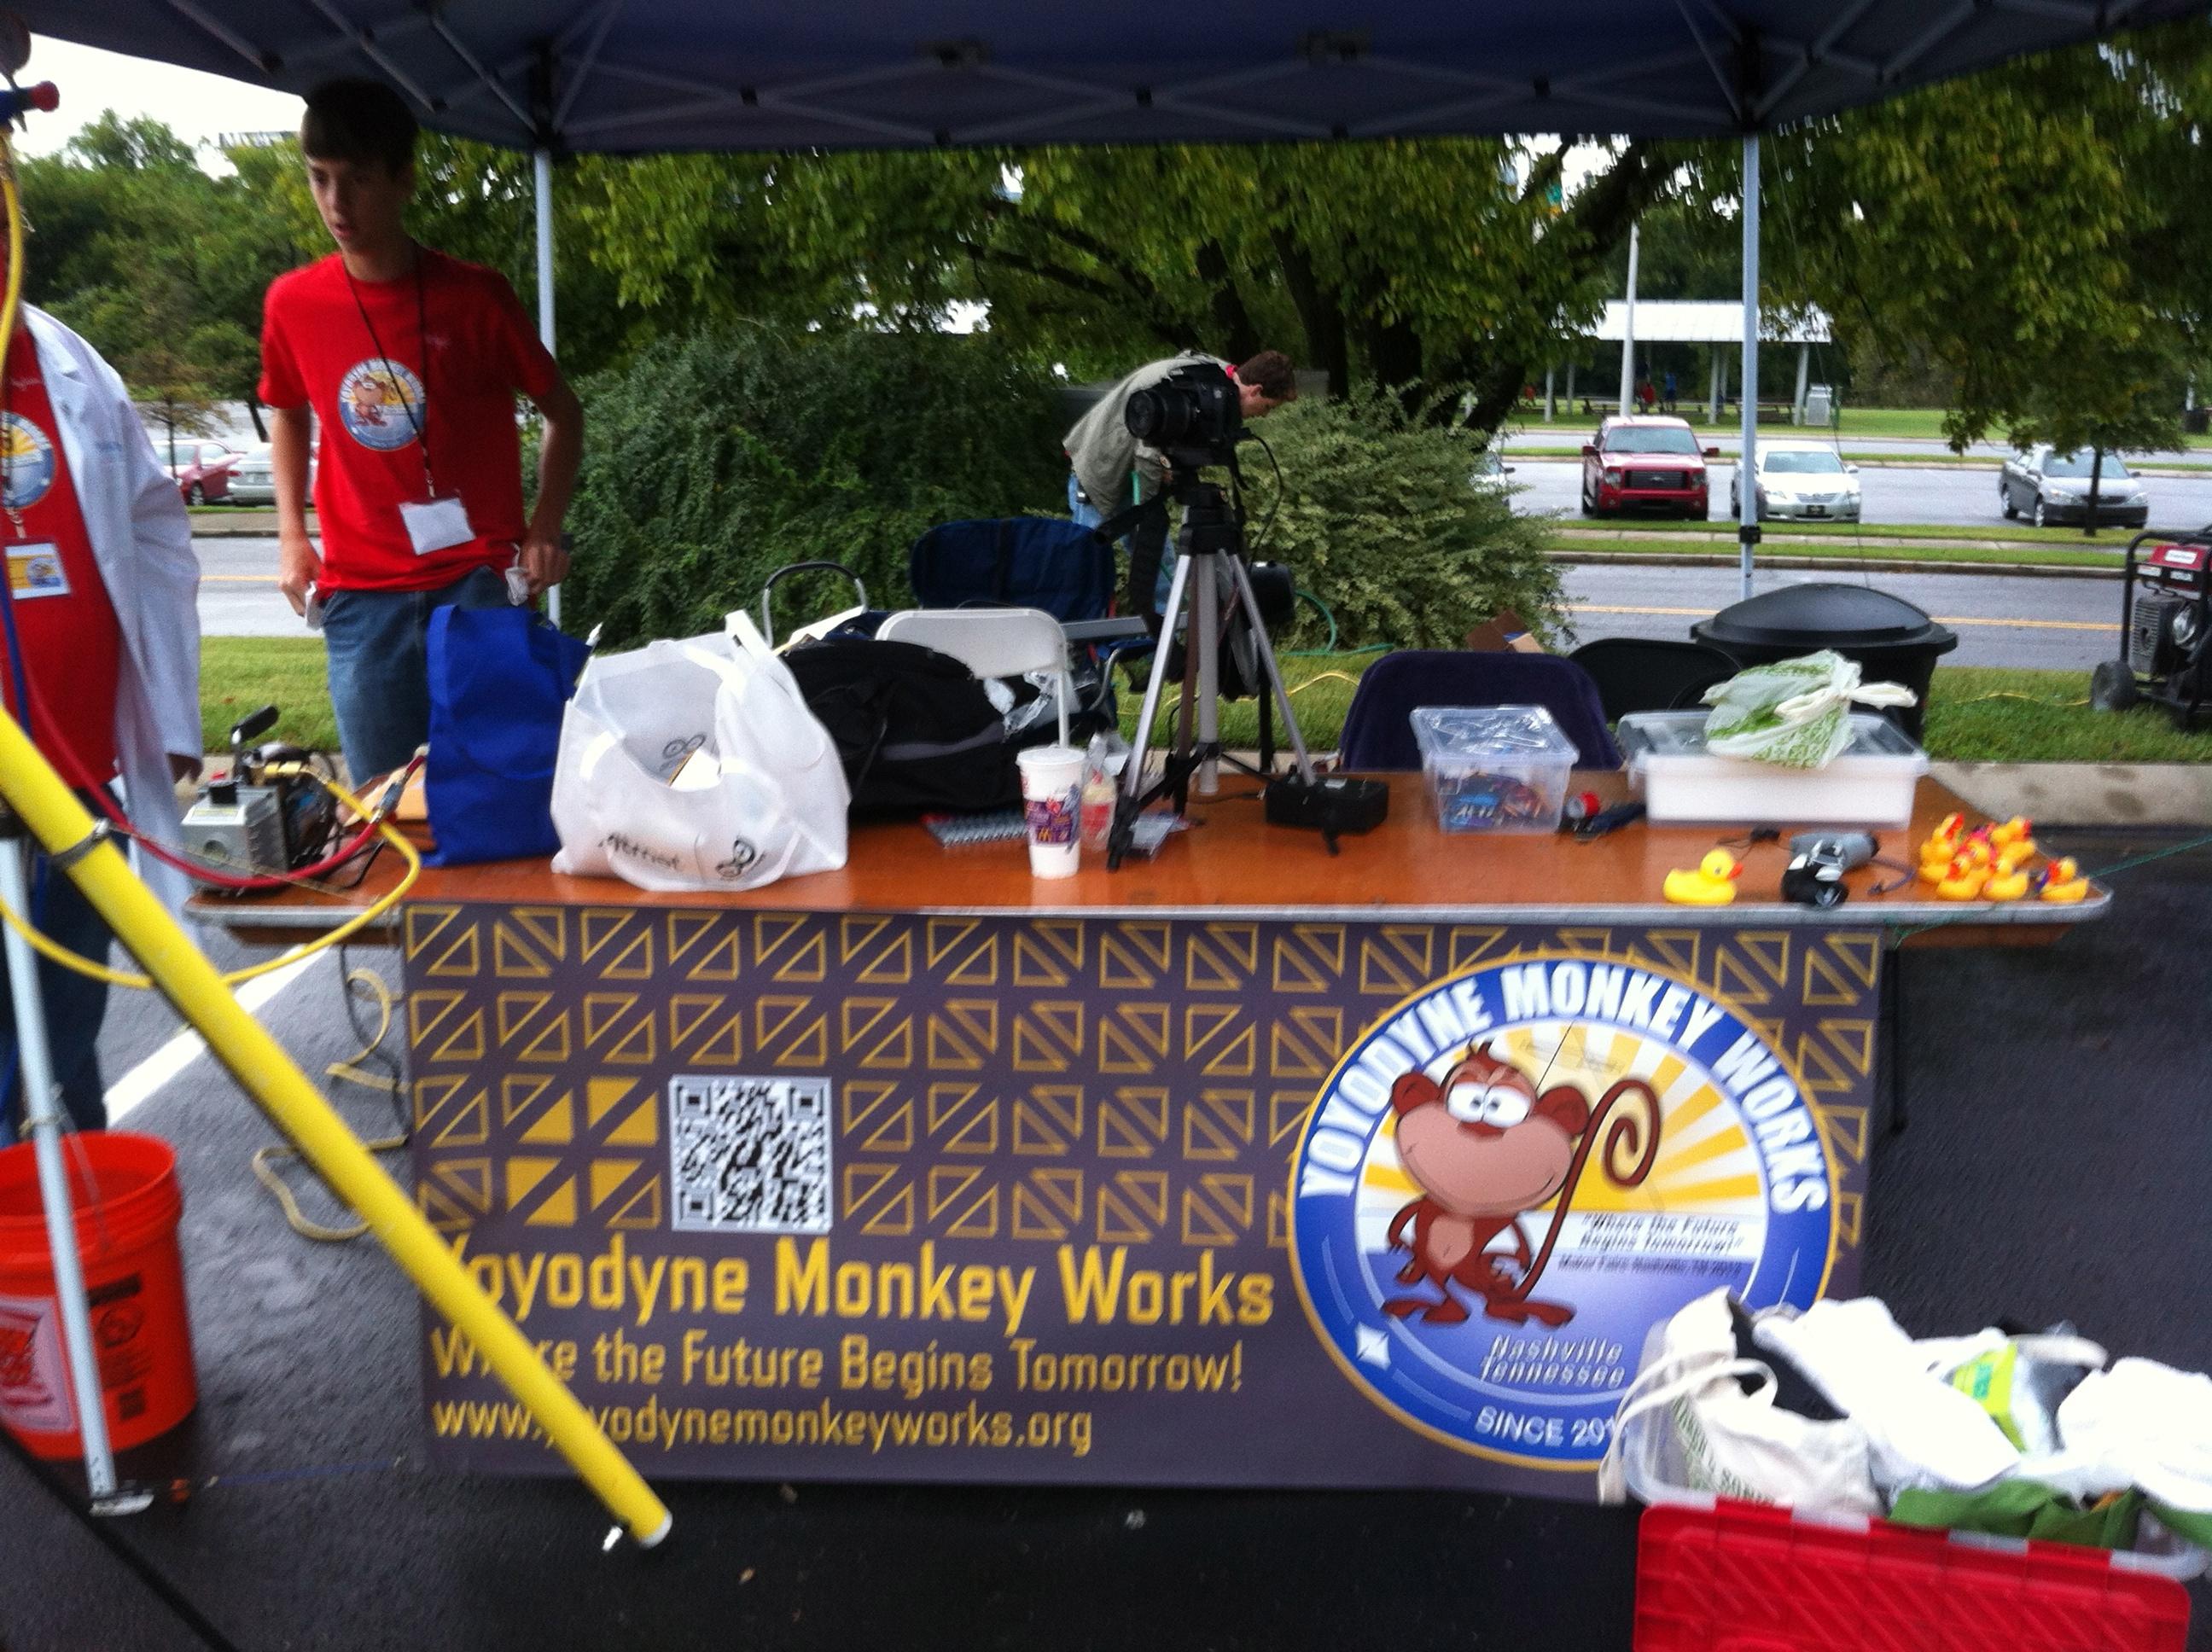 Yoyodyne Monkeyworks setting up for Maker's Faire